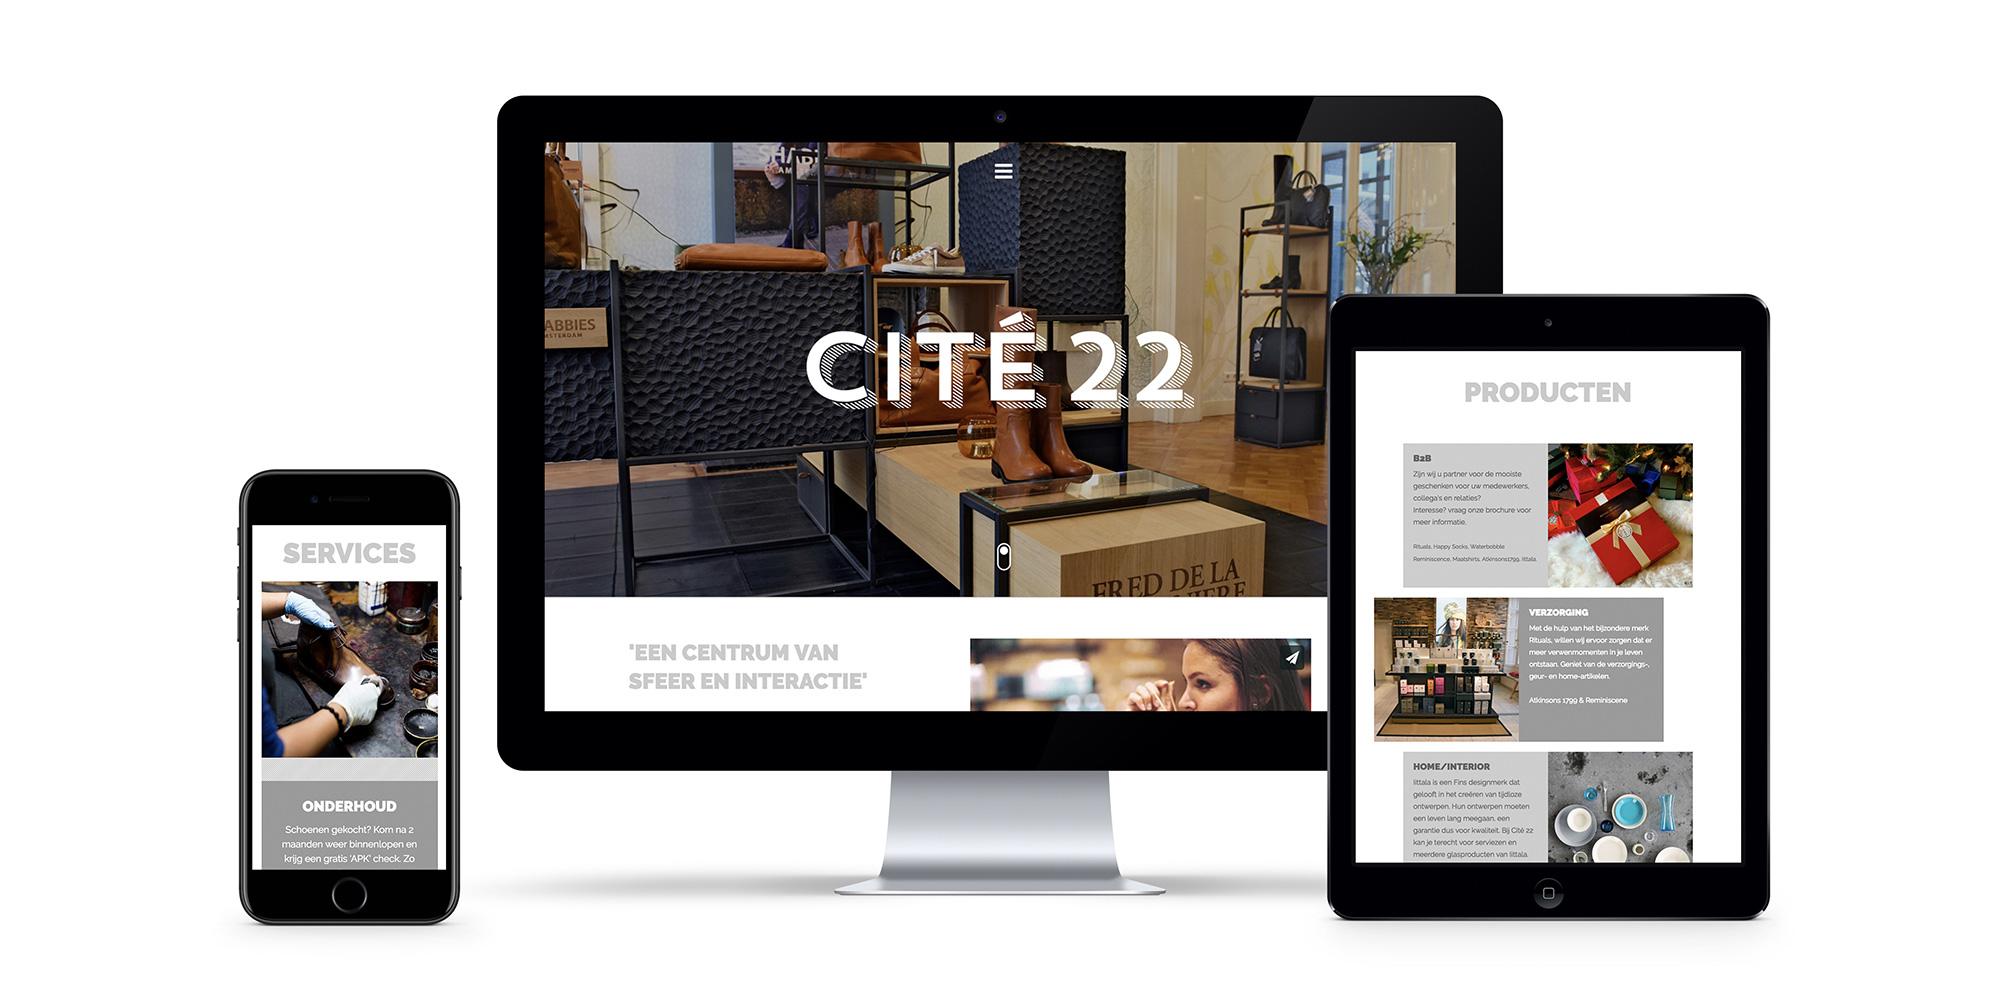 Cite 22 / Dutchy Design / Branding & Design Portfolio